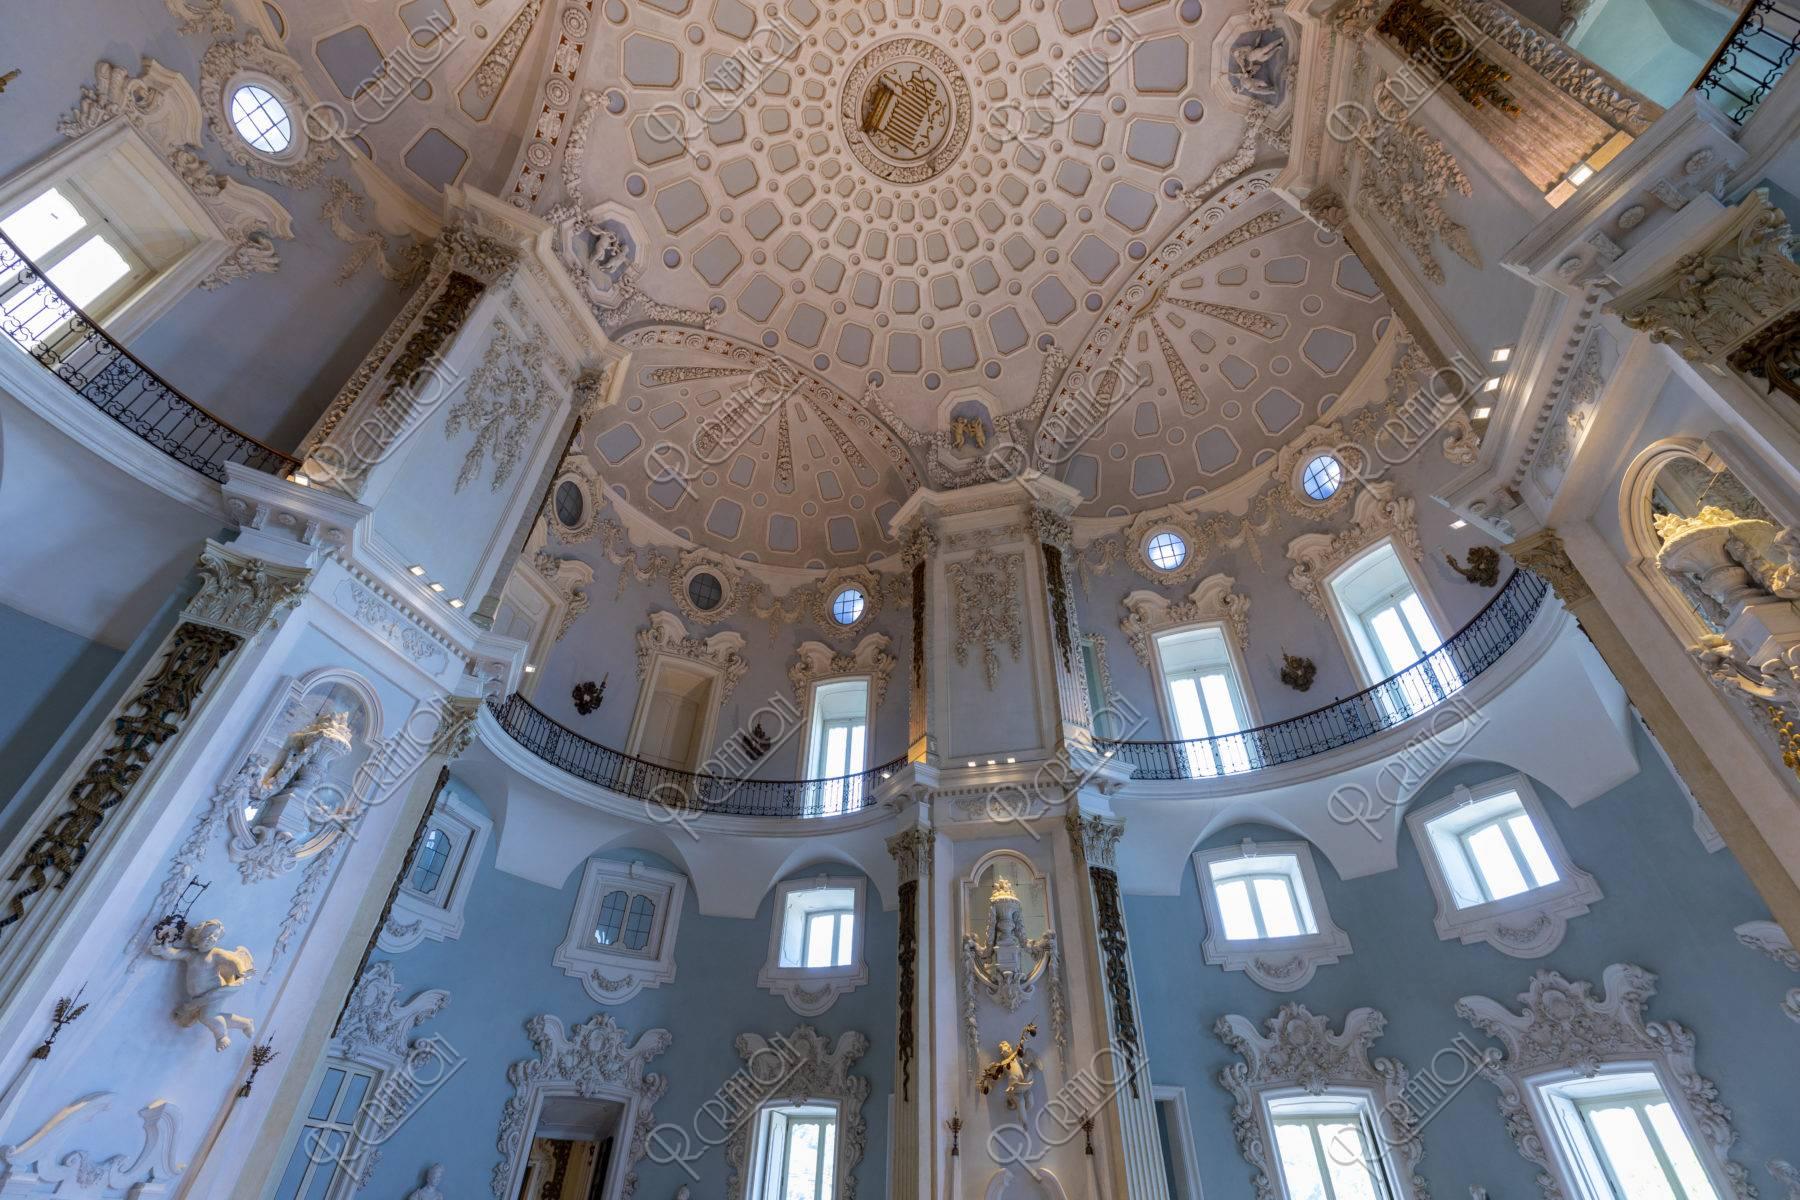 ベッラ島 ボッロメオ宮殿 大広間